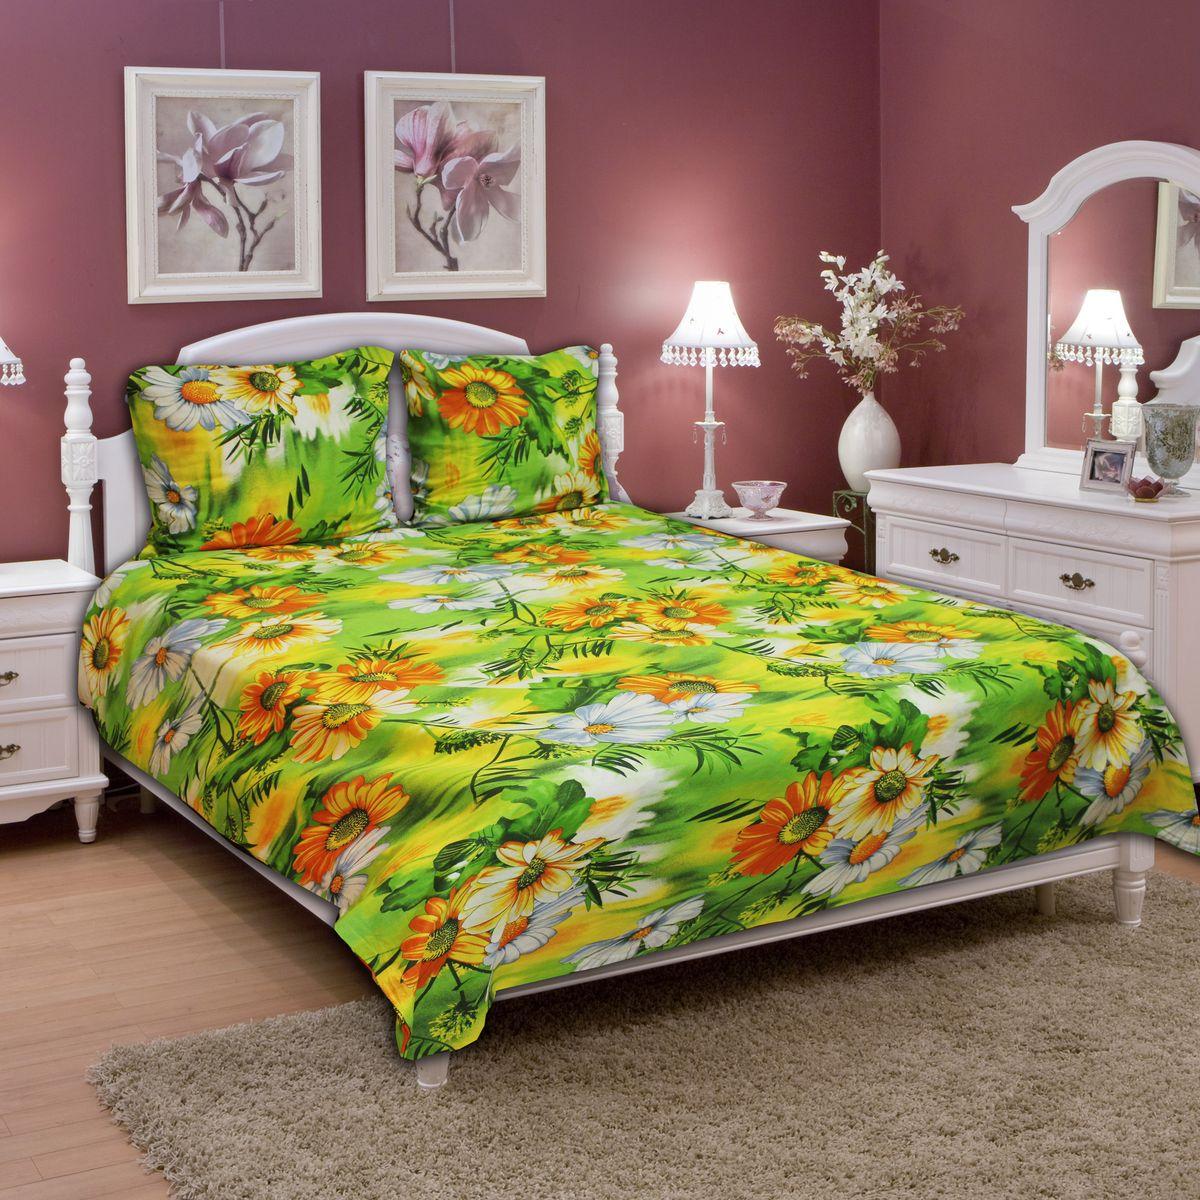 Комплект белья Amore Mio Meadow, 2-спальный, наволочки 70х7077716Комплект постельного белья Amore Mio является экологически безопасным для всей семьи, так как выполнен из бязи (100% хлопок). Комплект состоит из двух пододеяльников, простыни и двух наволочек. Постельное белье оформлено оригинальным рисунком и имеет изысканный внешний вид. Легкая, плотная, мягкая ткань отлично стирается, гладится, быстро сохнет. Рекомендации по уходу: Химчистка и отбеливание запрещены. Рекомендуется стирка в прохладной воде при температуре не выше 30°С.